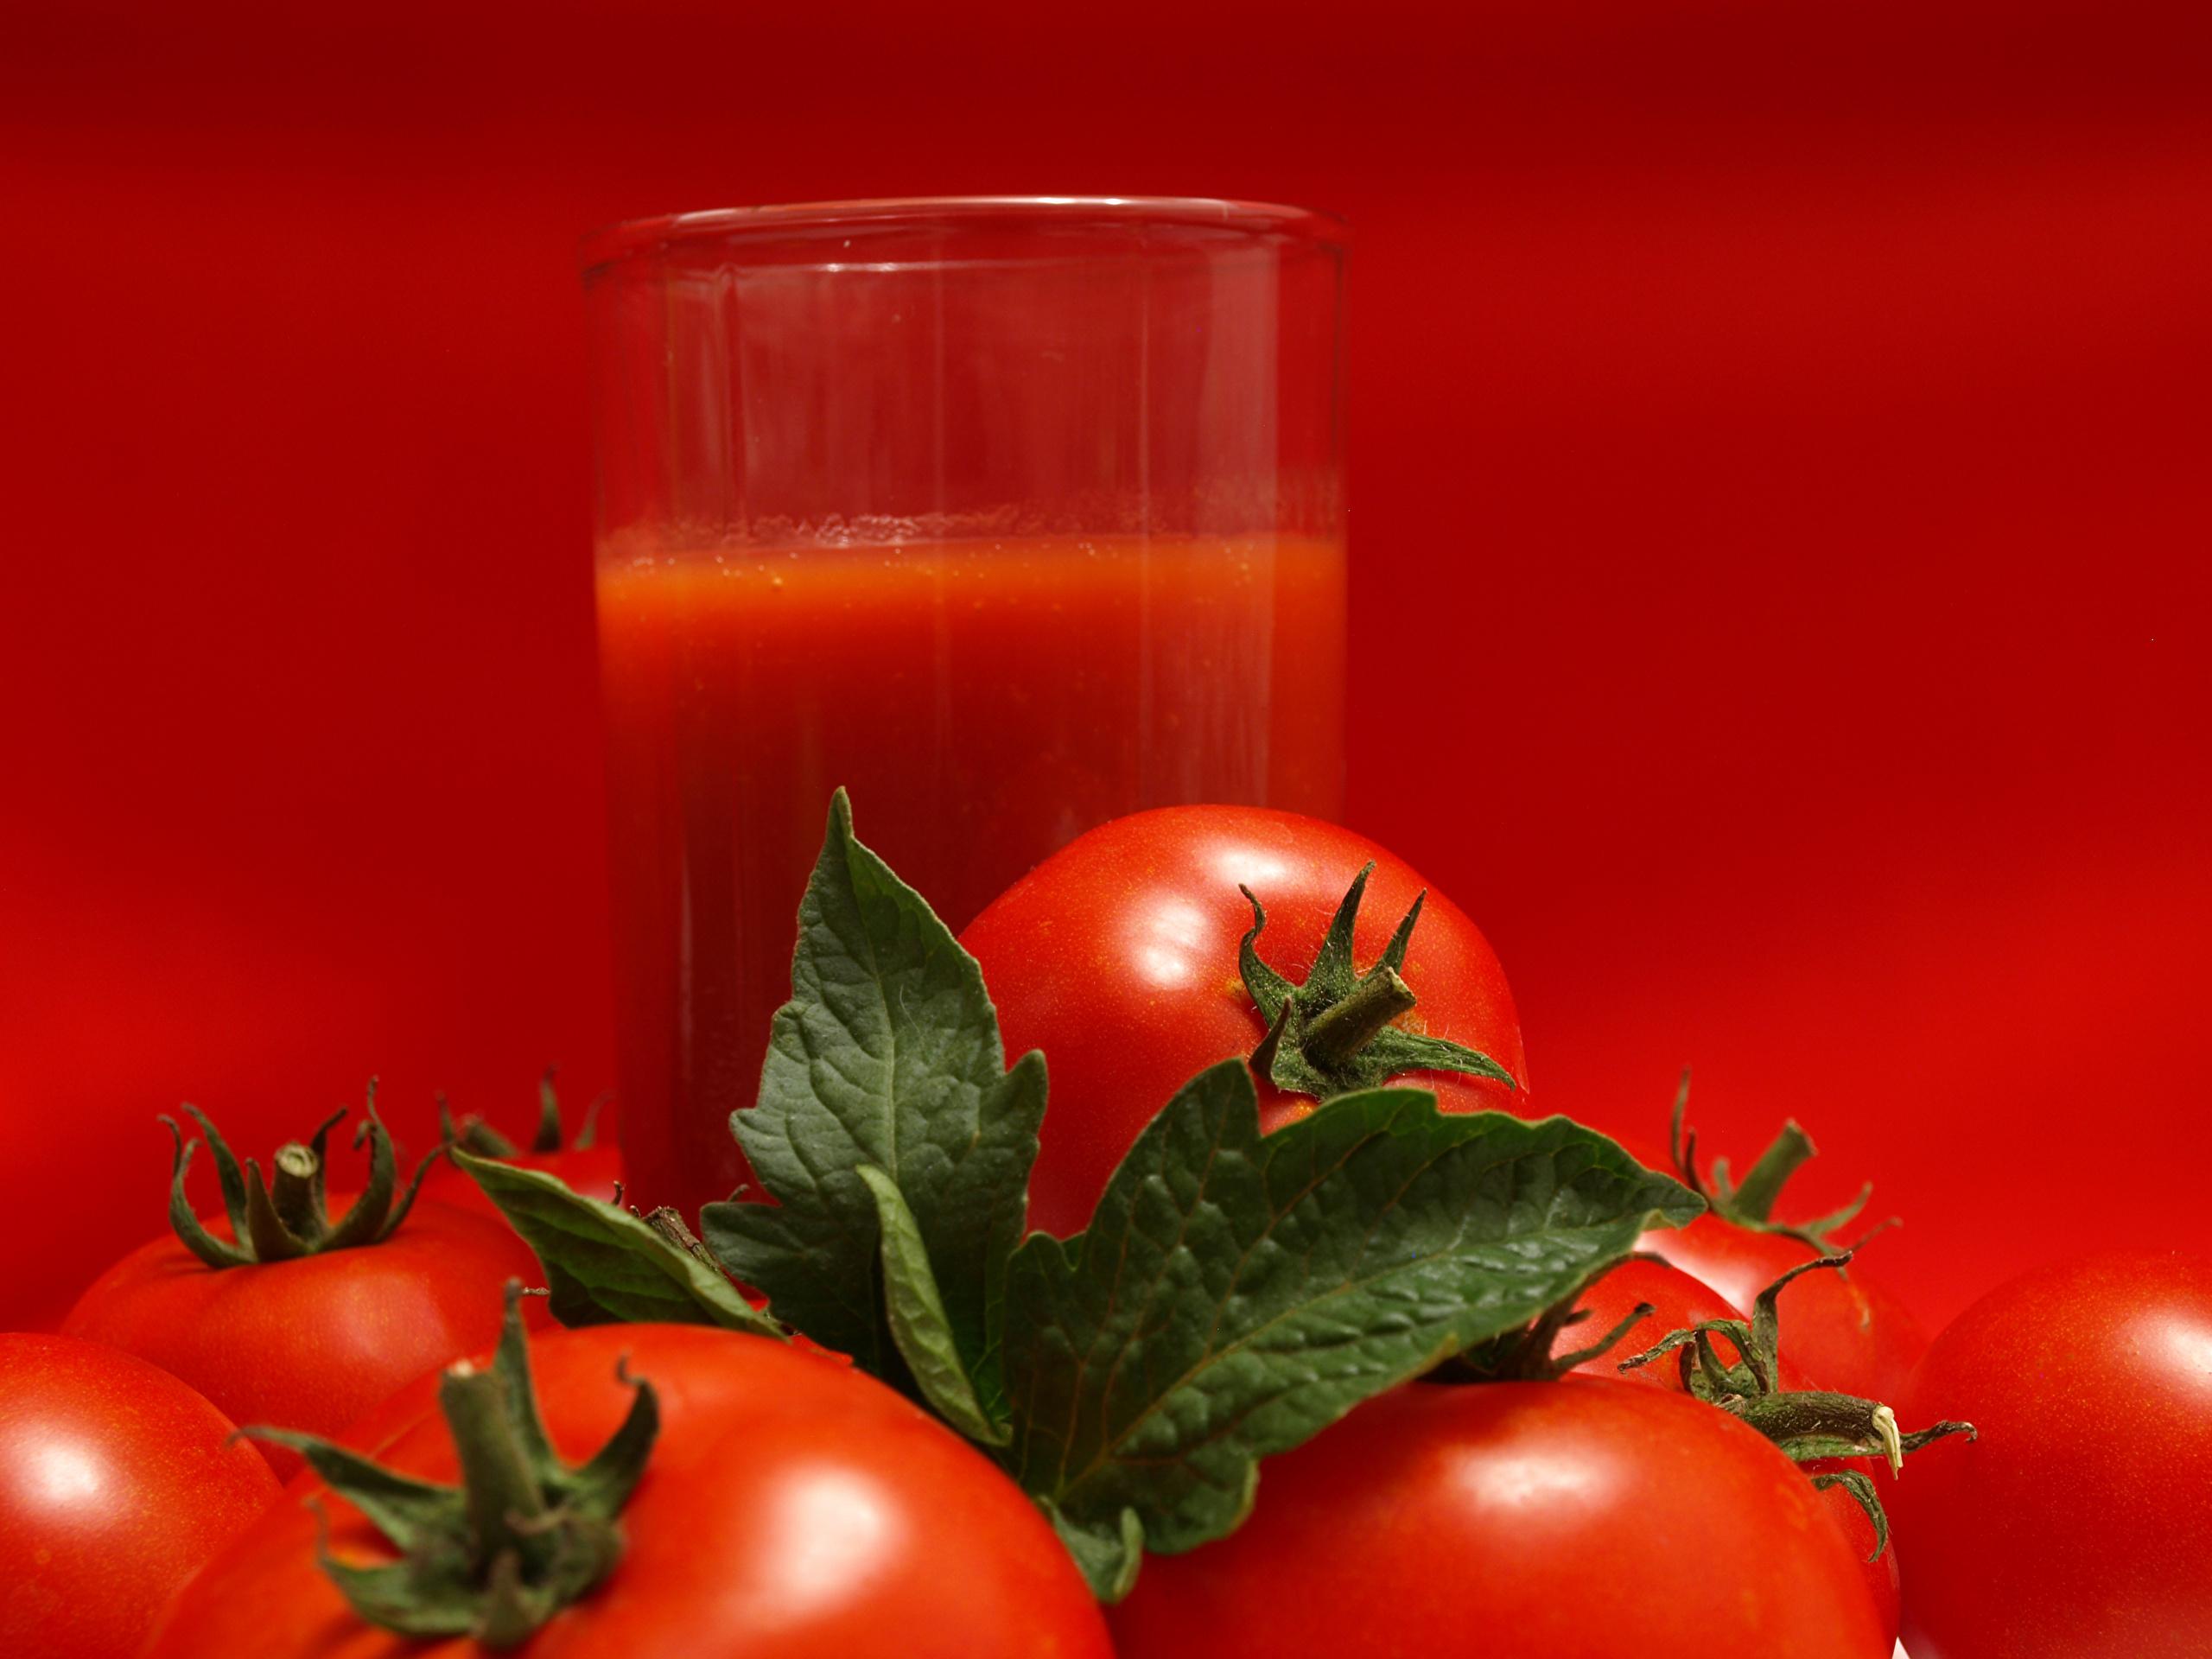 Похудение С Помощью Помидоров. Придерживаемся диеты на помидорах для стройной фигуры